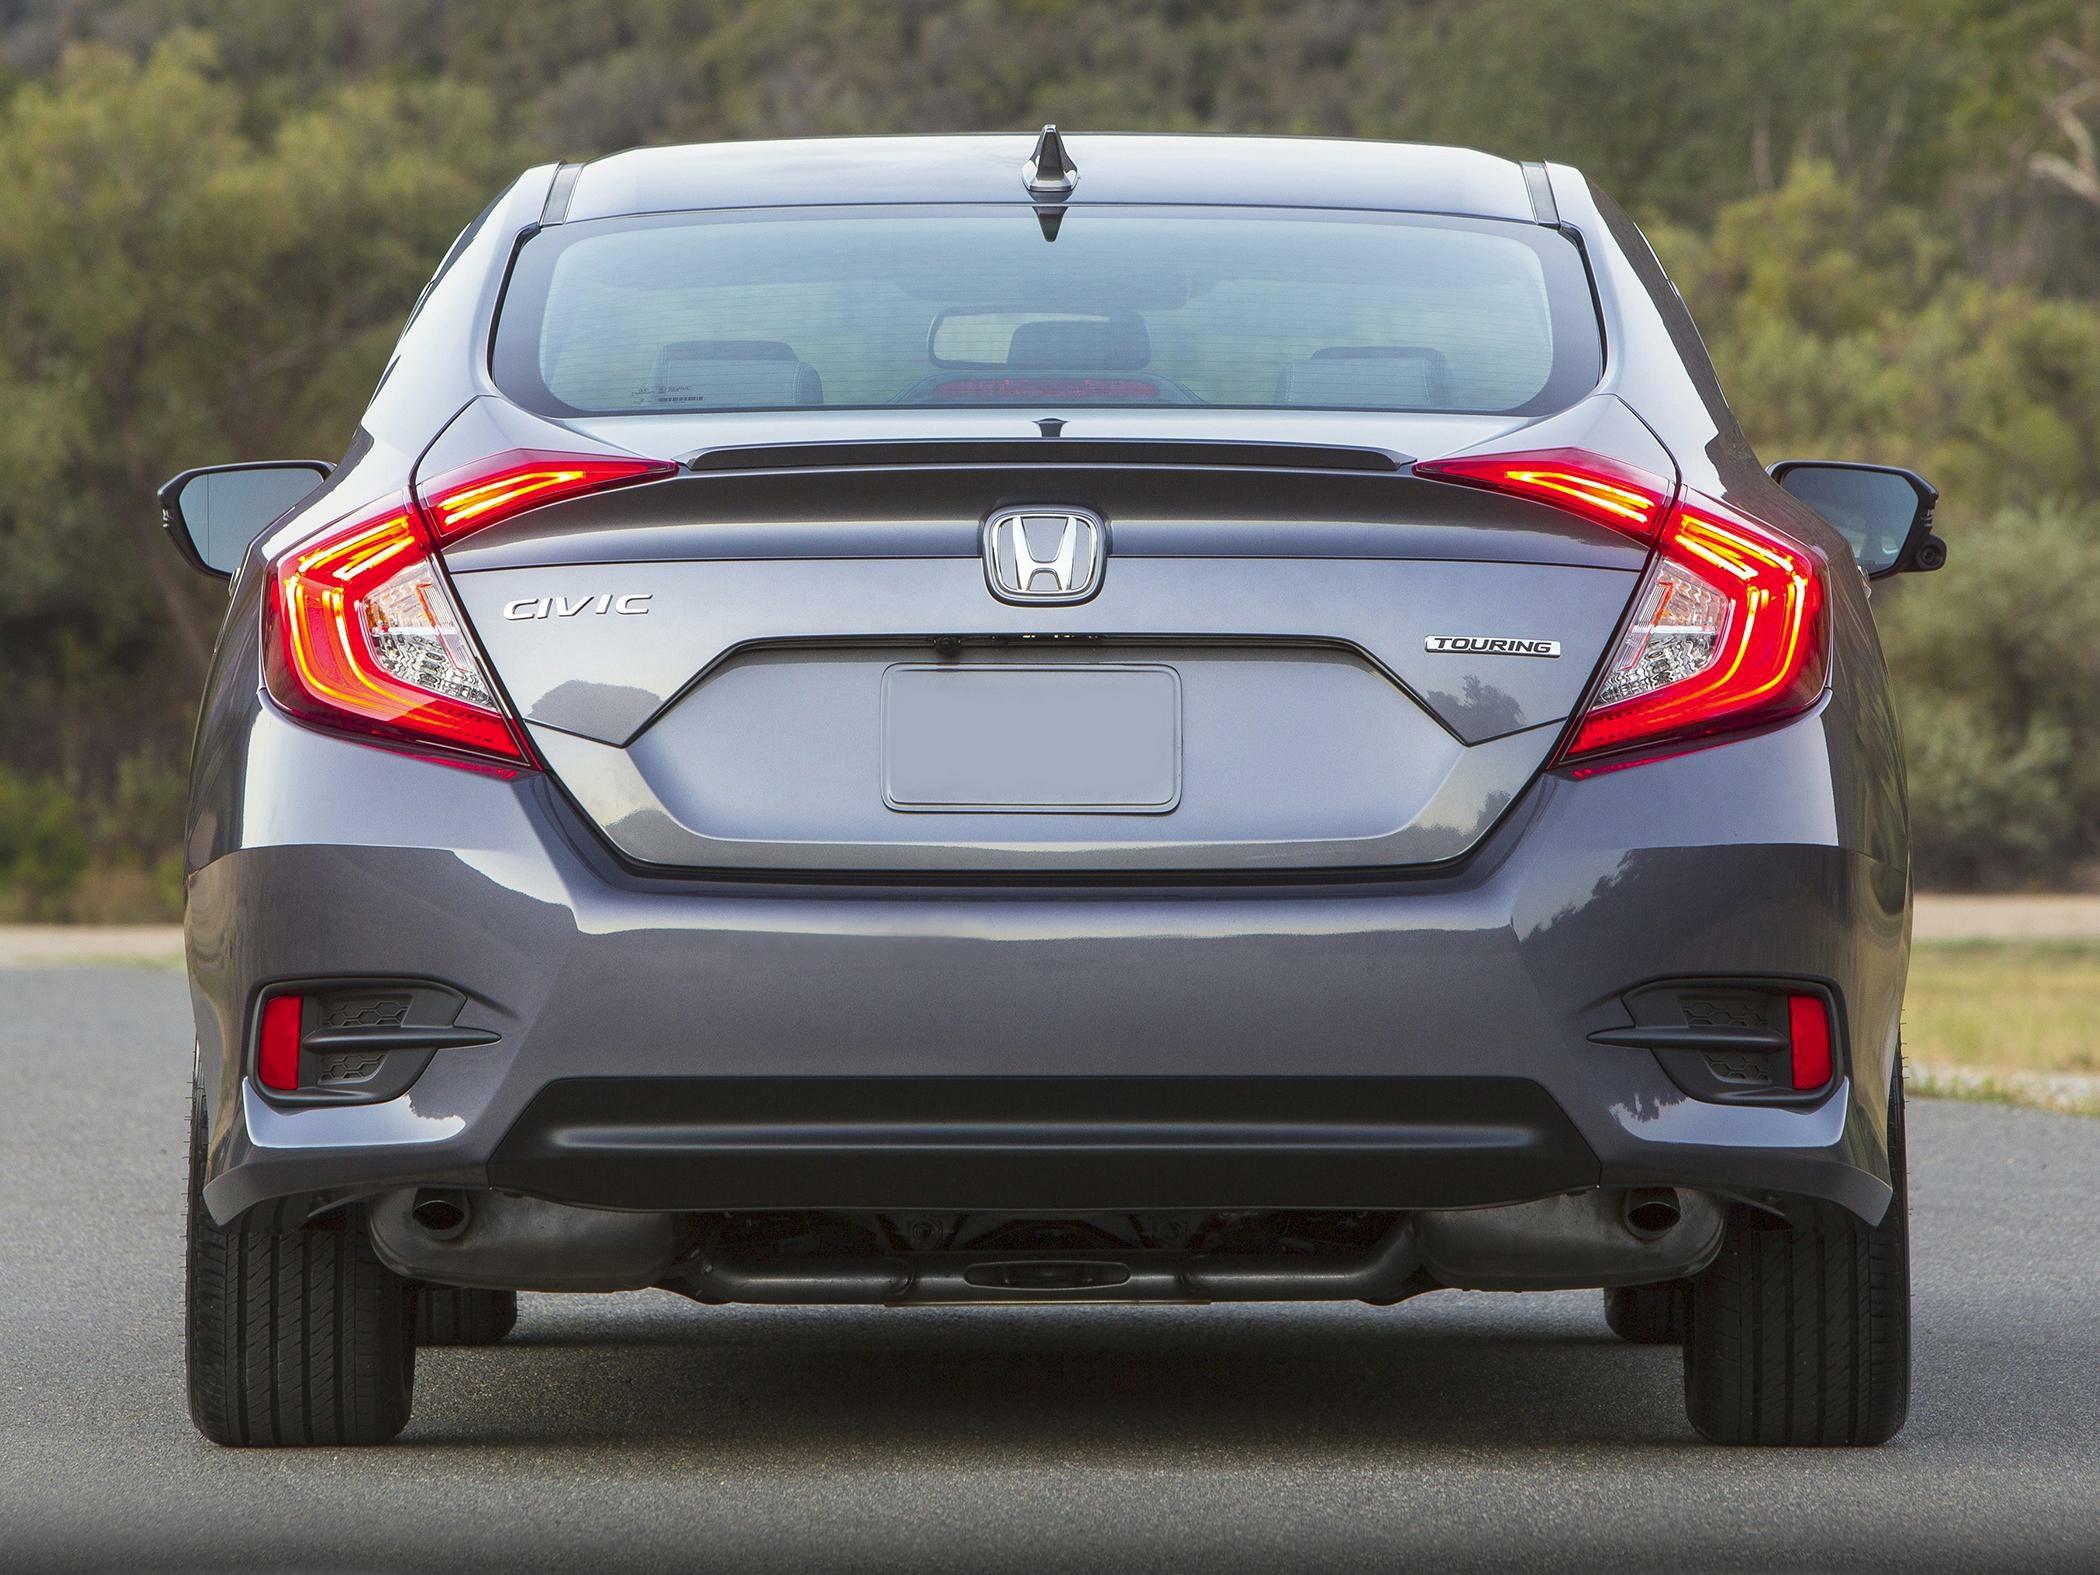 Honda Civic New Car Price In Usa – Buy Now